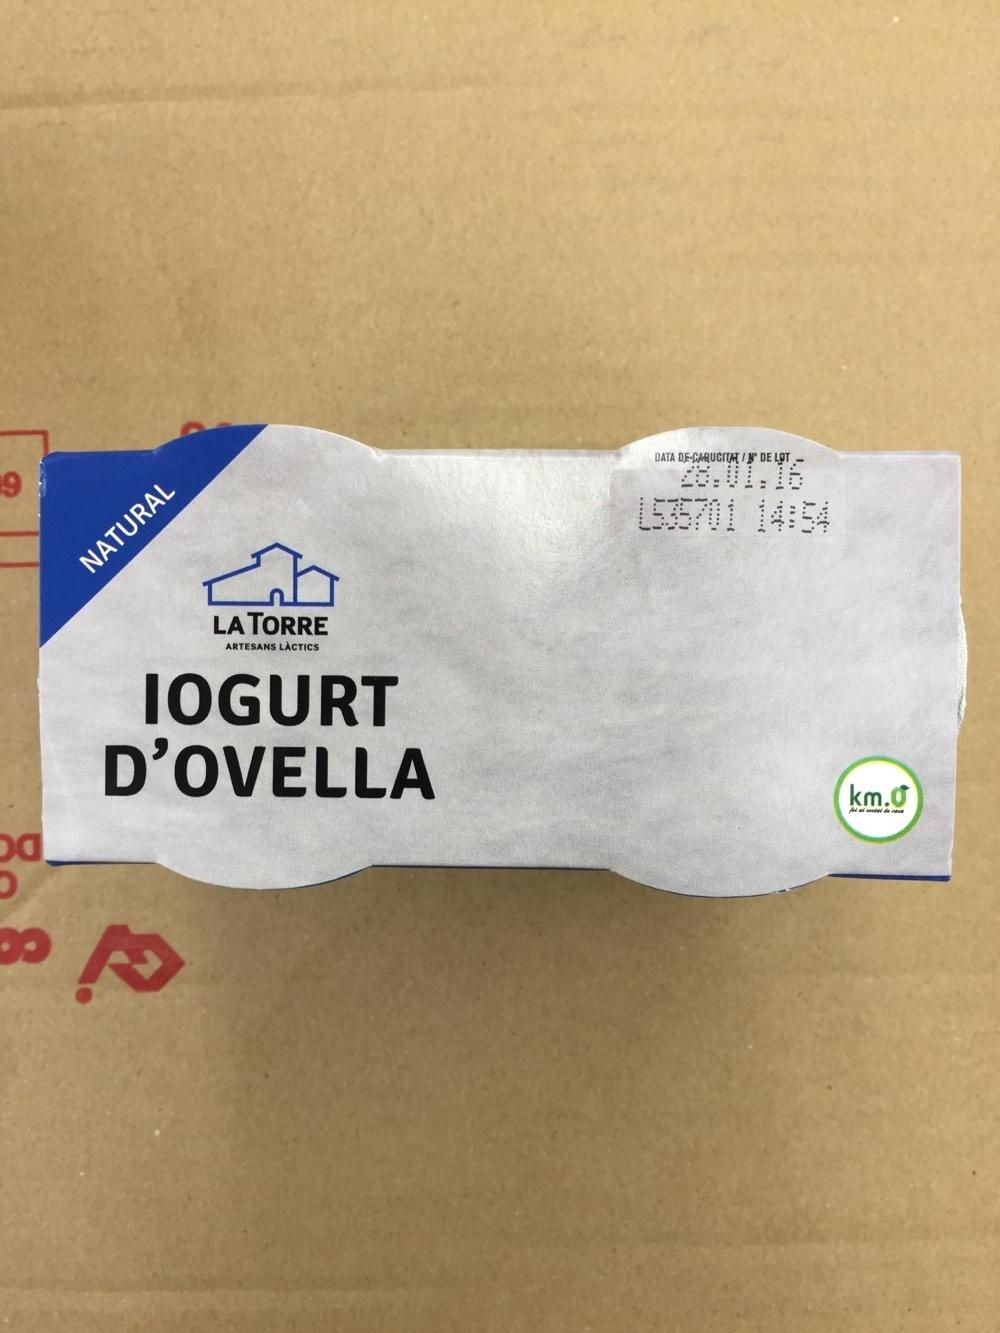 Iogurt d'ovella - Producto